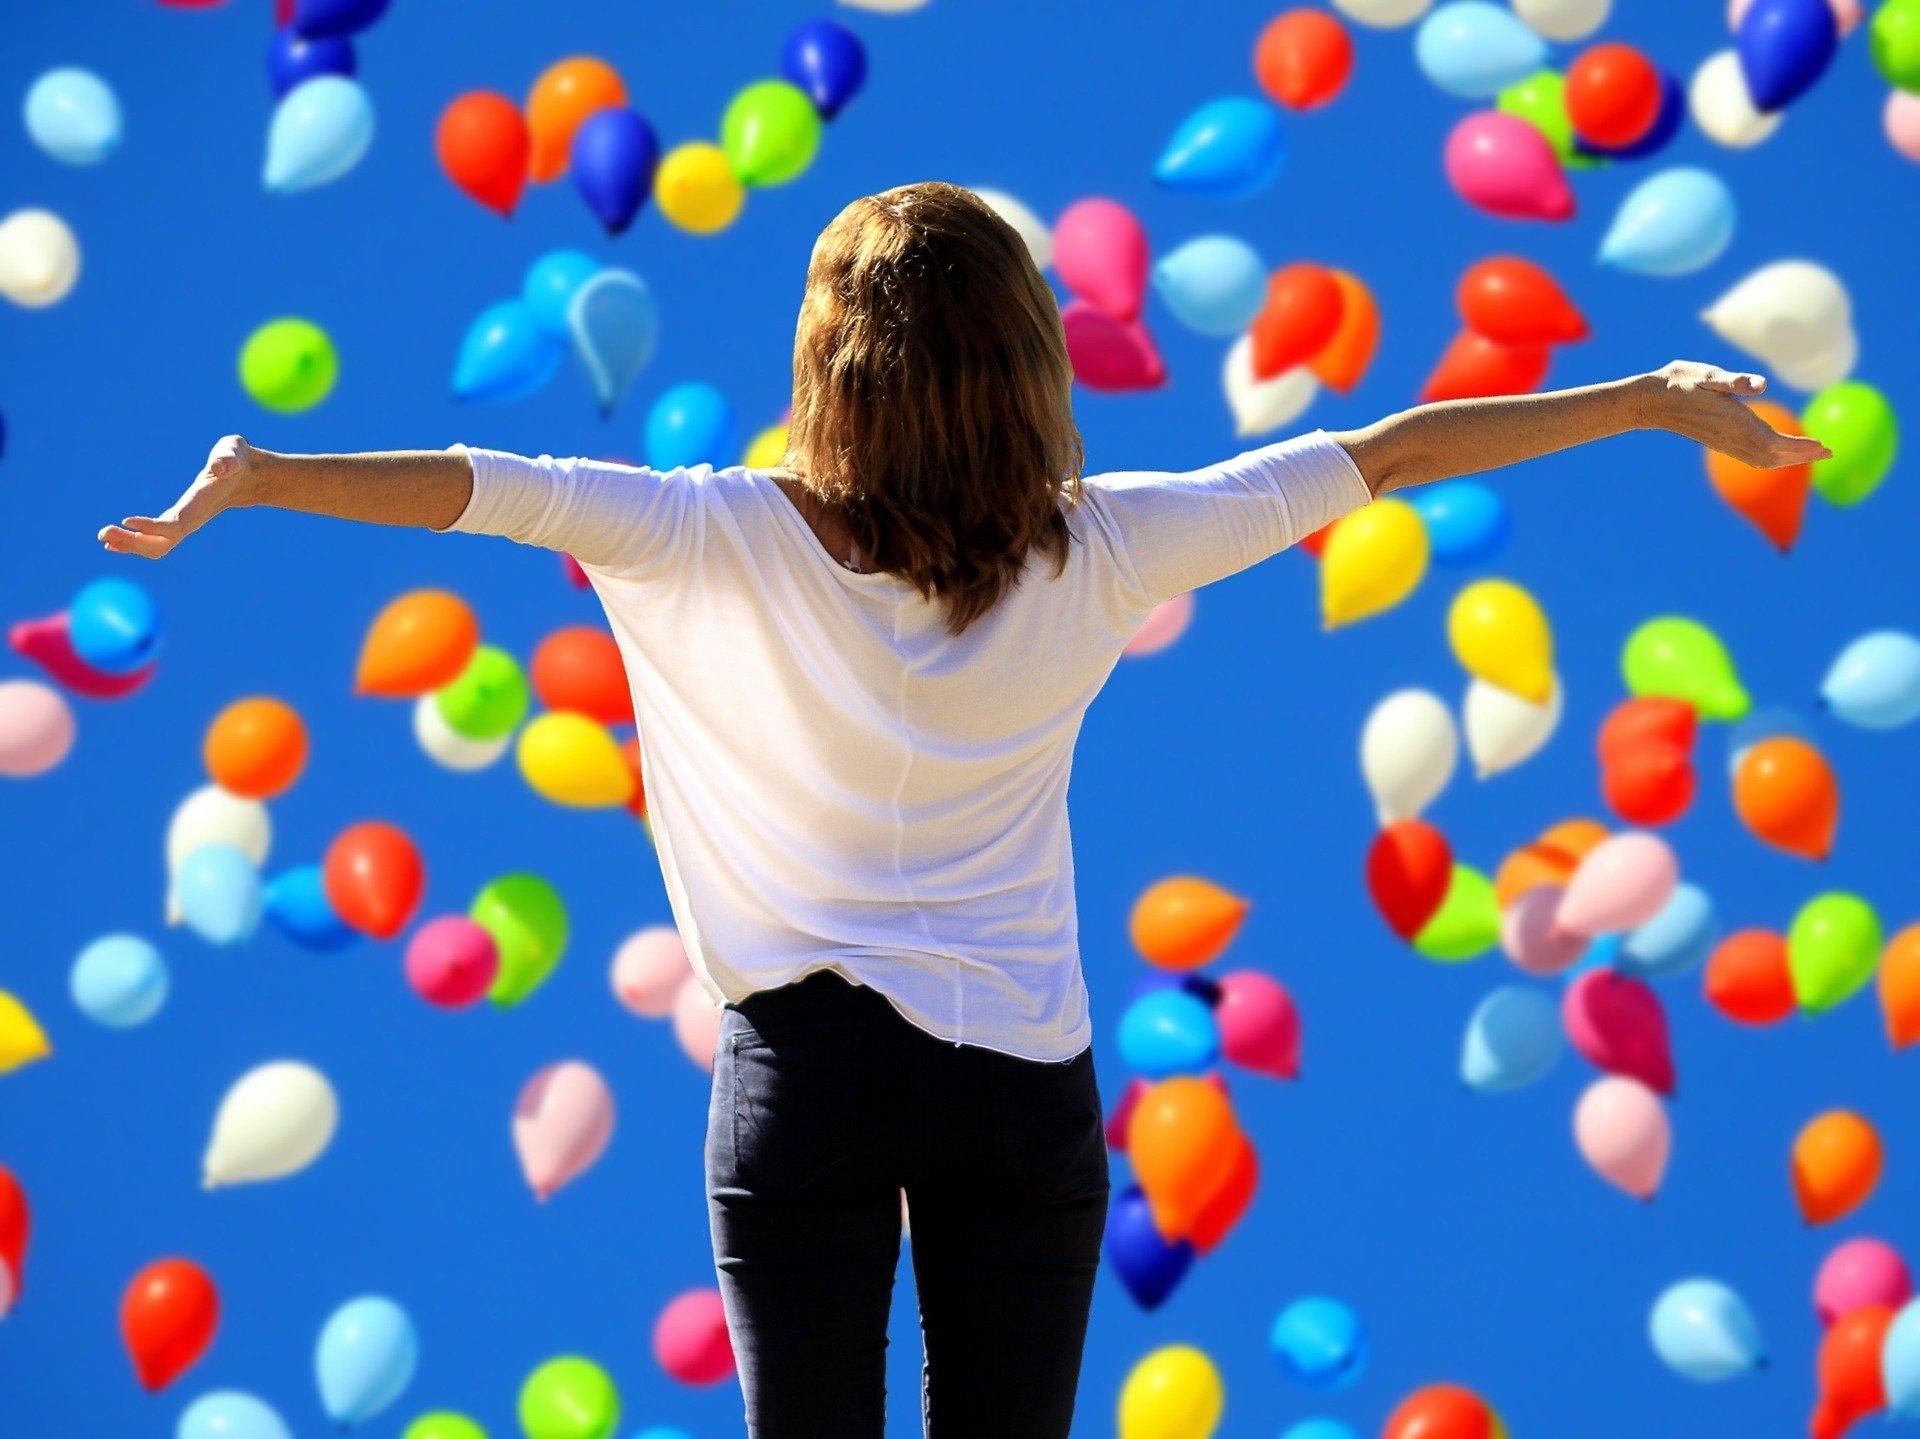 Forever Young - Bausteine für ein gesundes und glückliches Leben